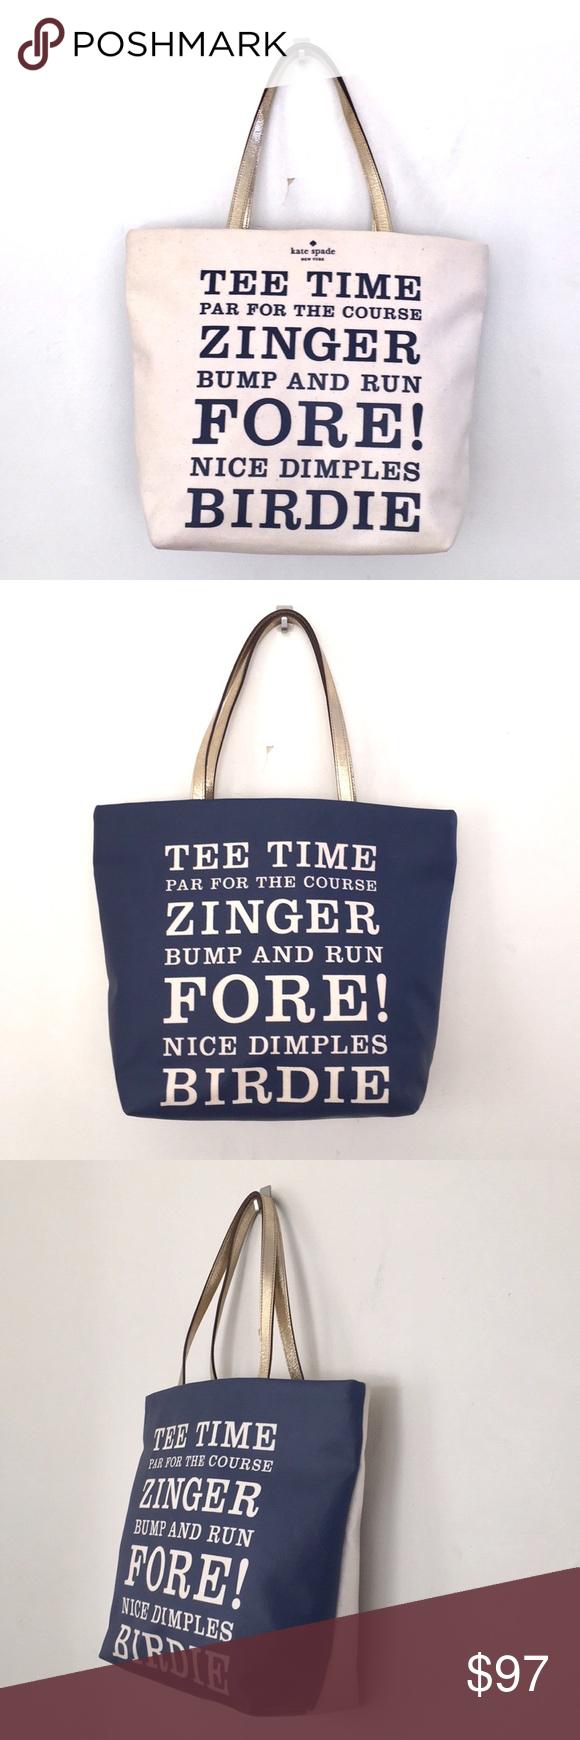 Kate Spade Tee Time Birdie Golf Tote Bag 2 Sided In 2020 Tote Bag Kate Spade Tees Time